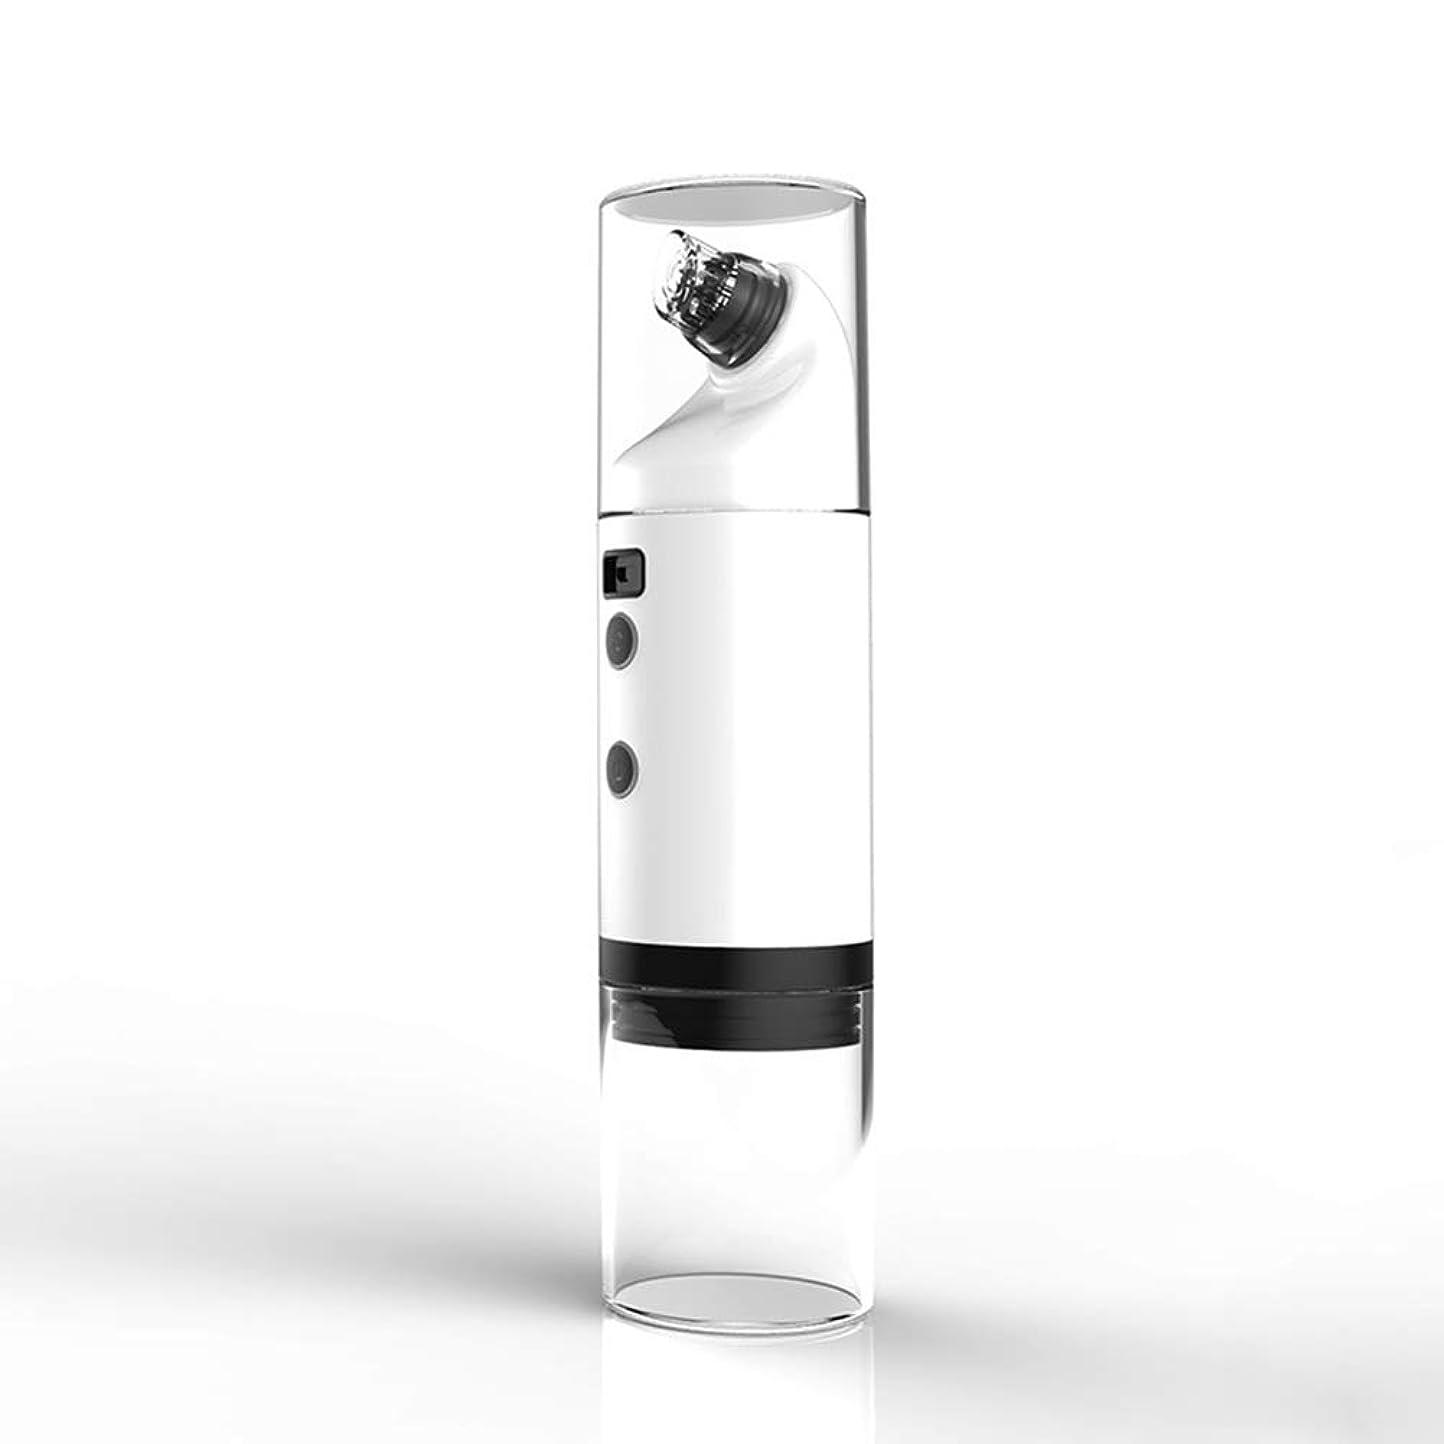 脱走相互薬にきび楽器、電気吸引にきび世帯、毛穴クリーニング小さな泡美容器具、、フェイス鼻のためのLEDディスプレイと充電式USBおでこホワイトヘッドクリーン